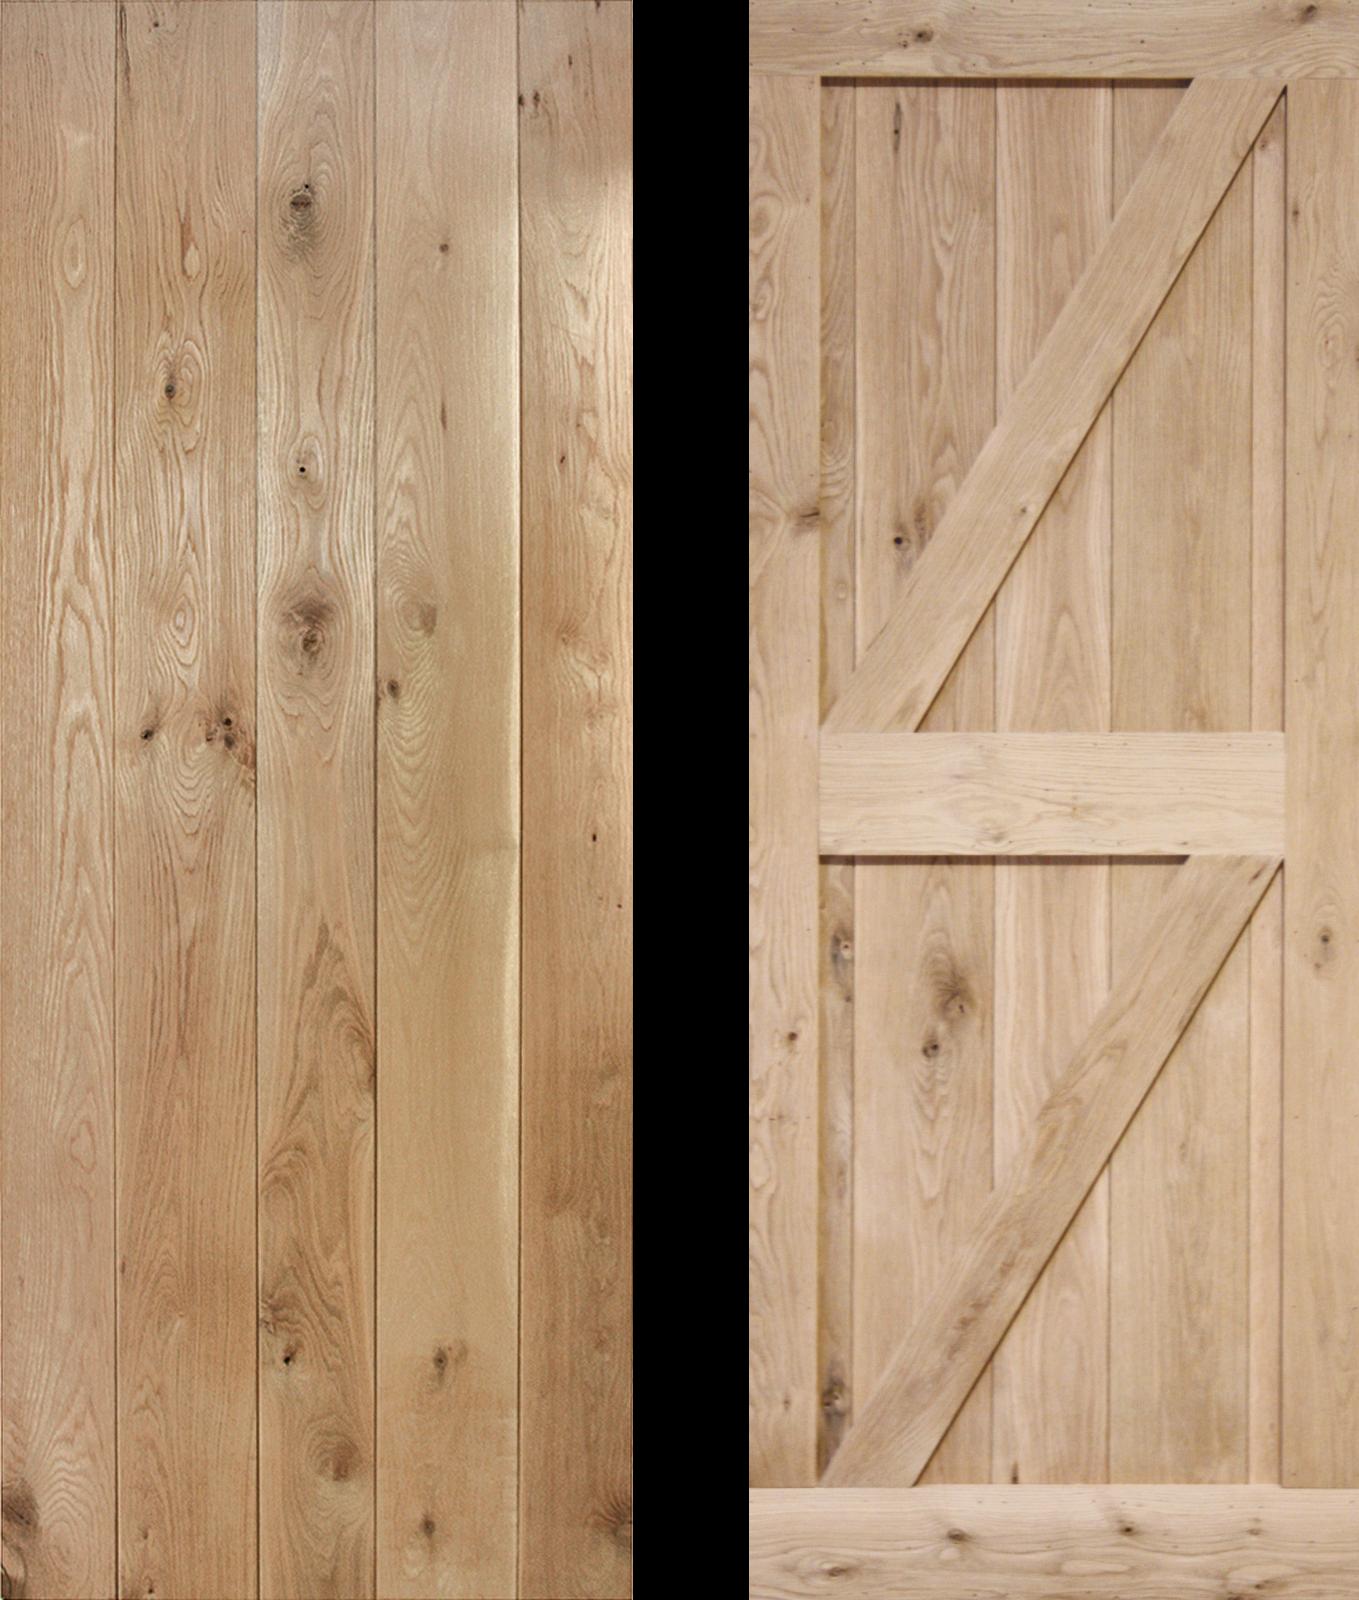 Mobile Home Cottage Door: 30 X 78 Frame Ledged Braced Solid Oak Cottage Door